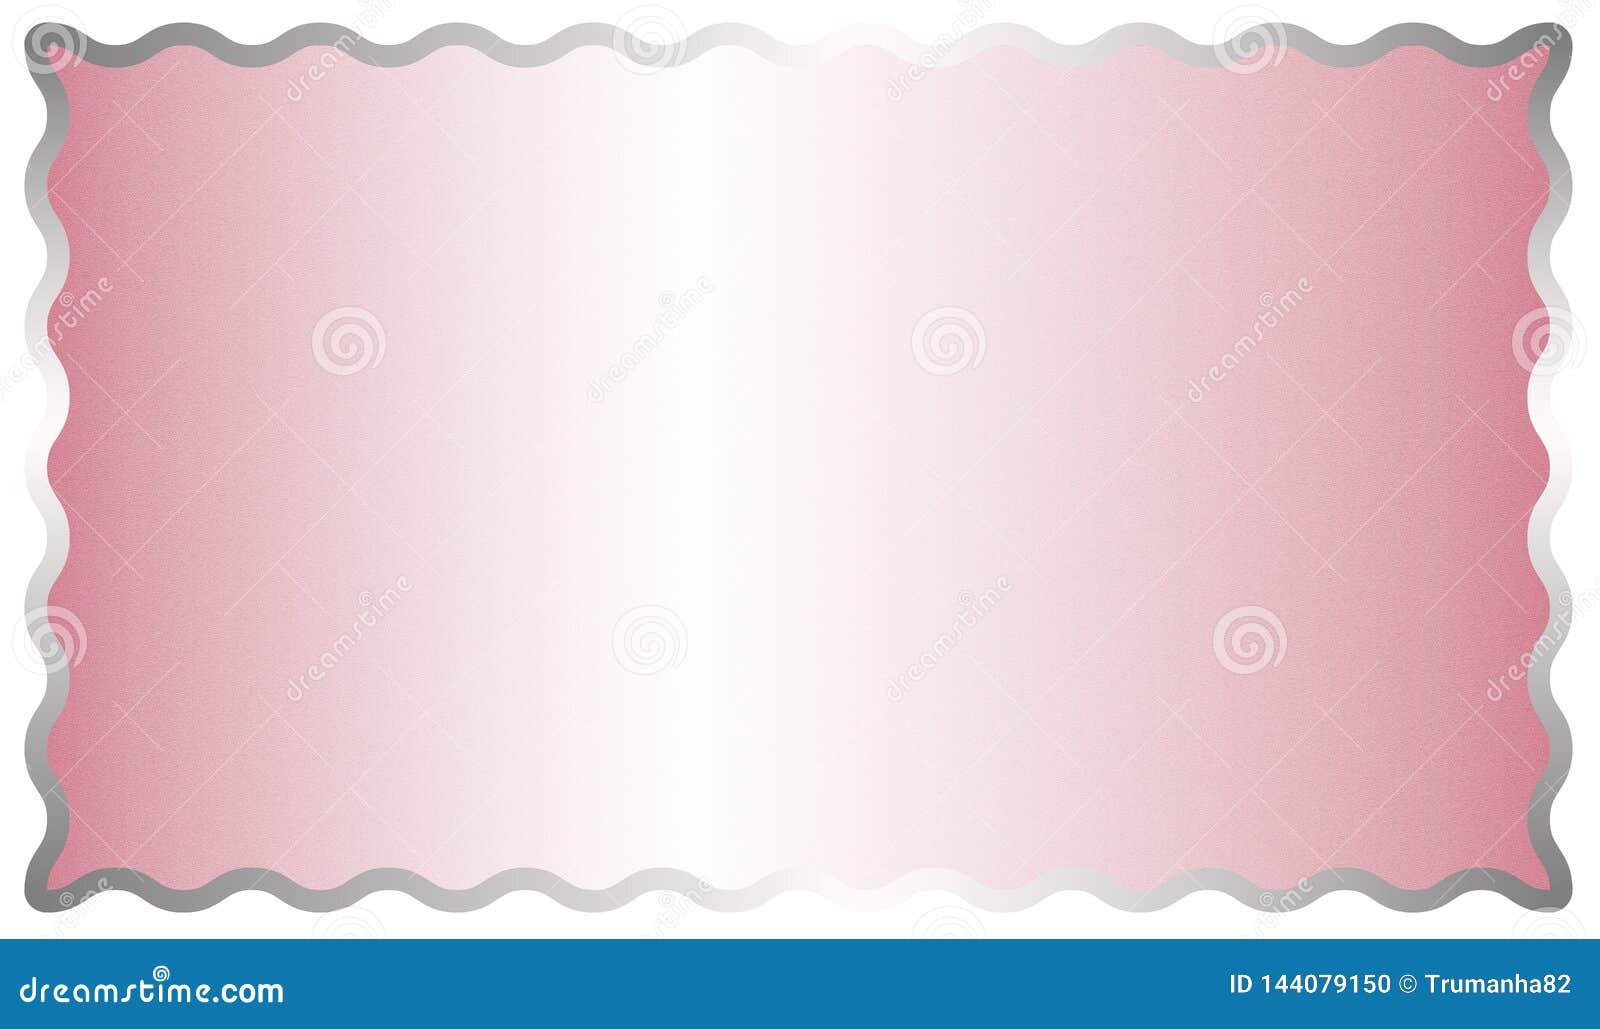 Fondo cepillado rosado brillante de la superficie de metal del extracto con un marco de plata